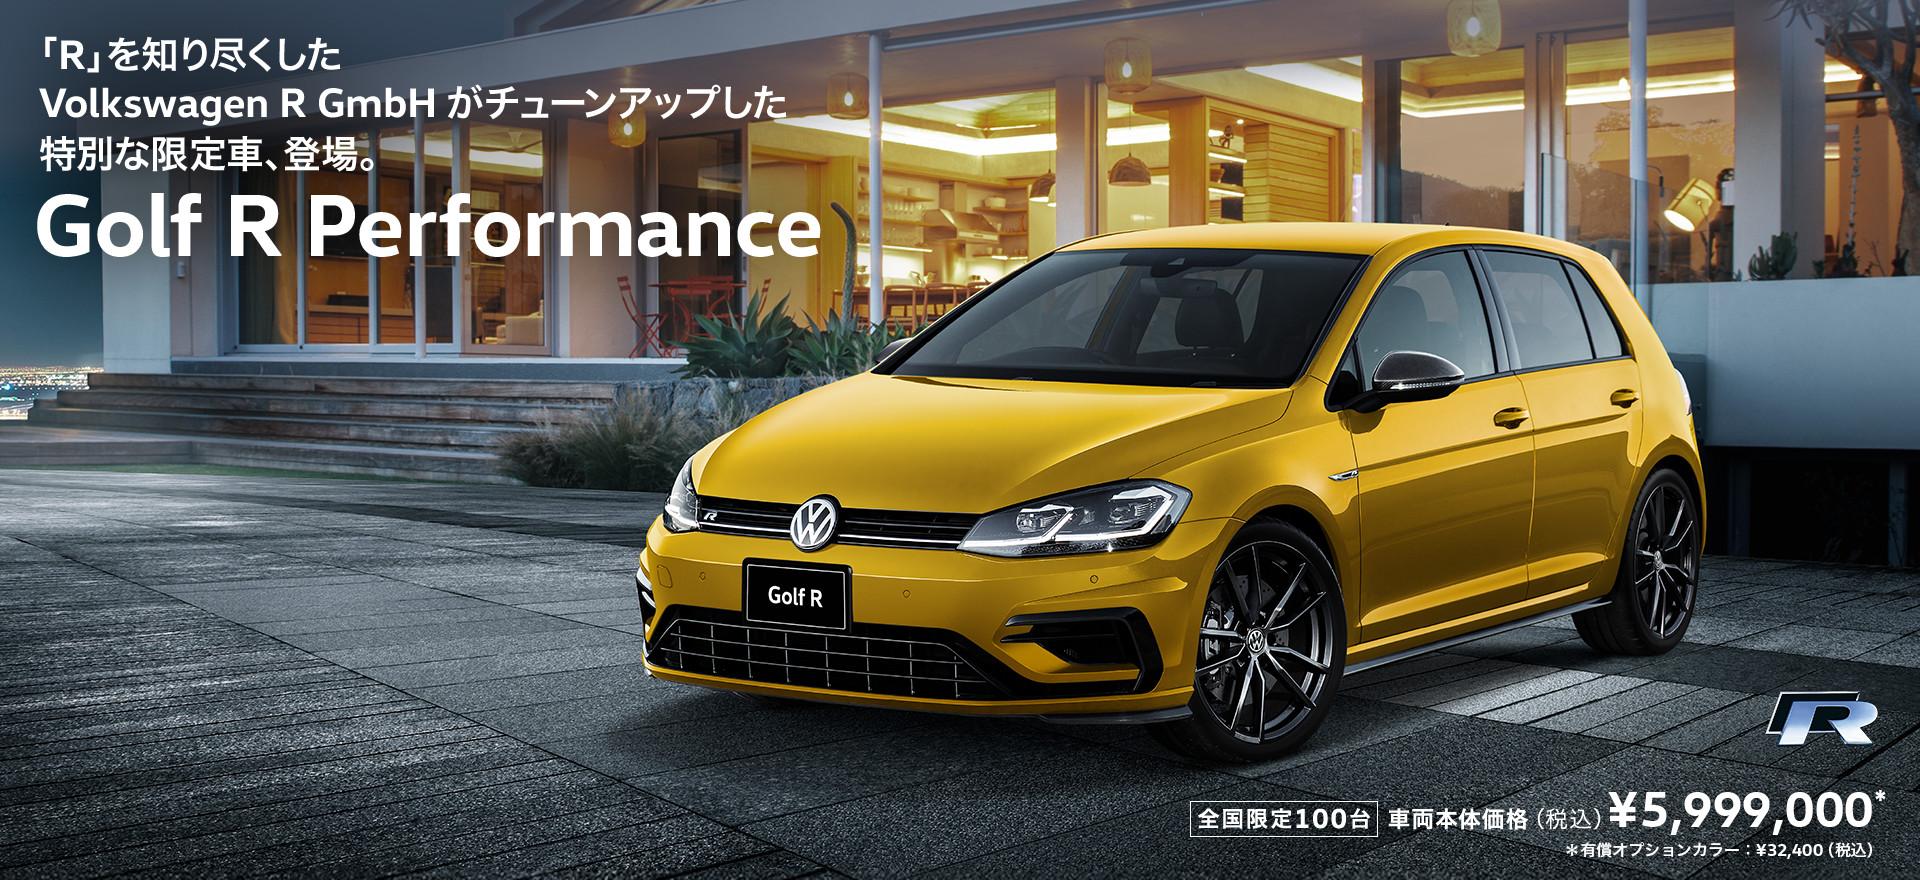 フォルクスワーゲン広島平和大通り Golf R Performance登場!